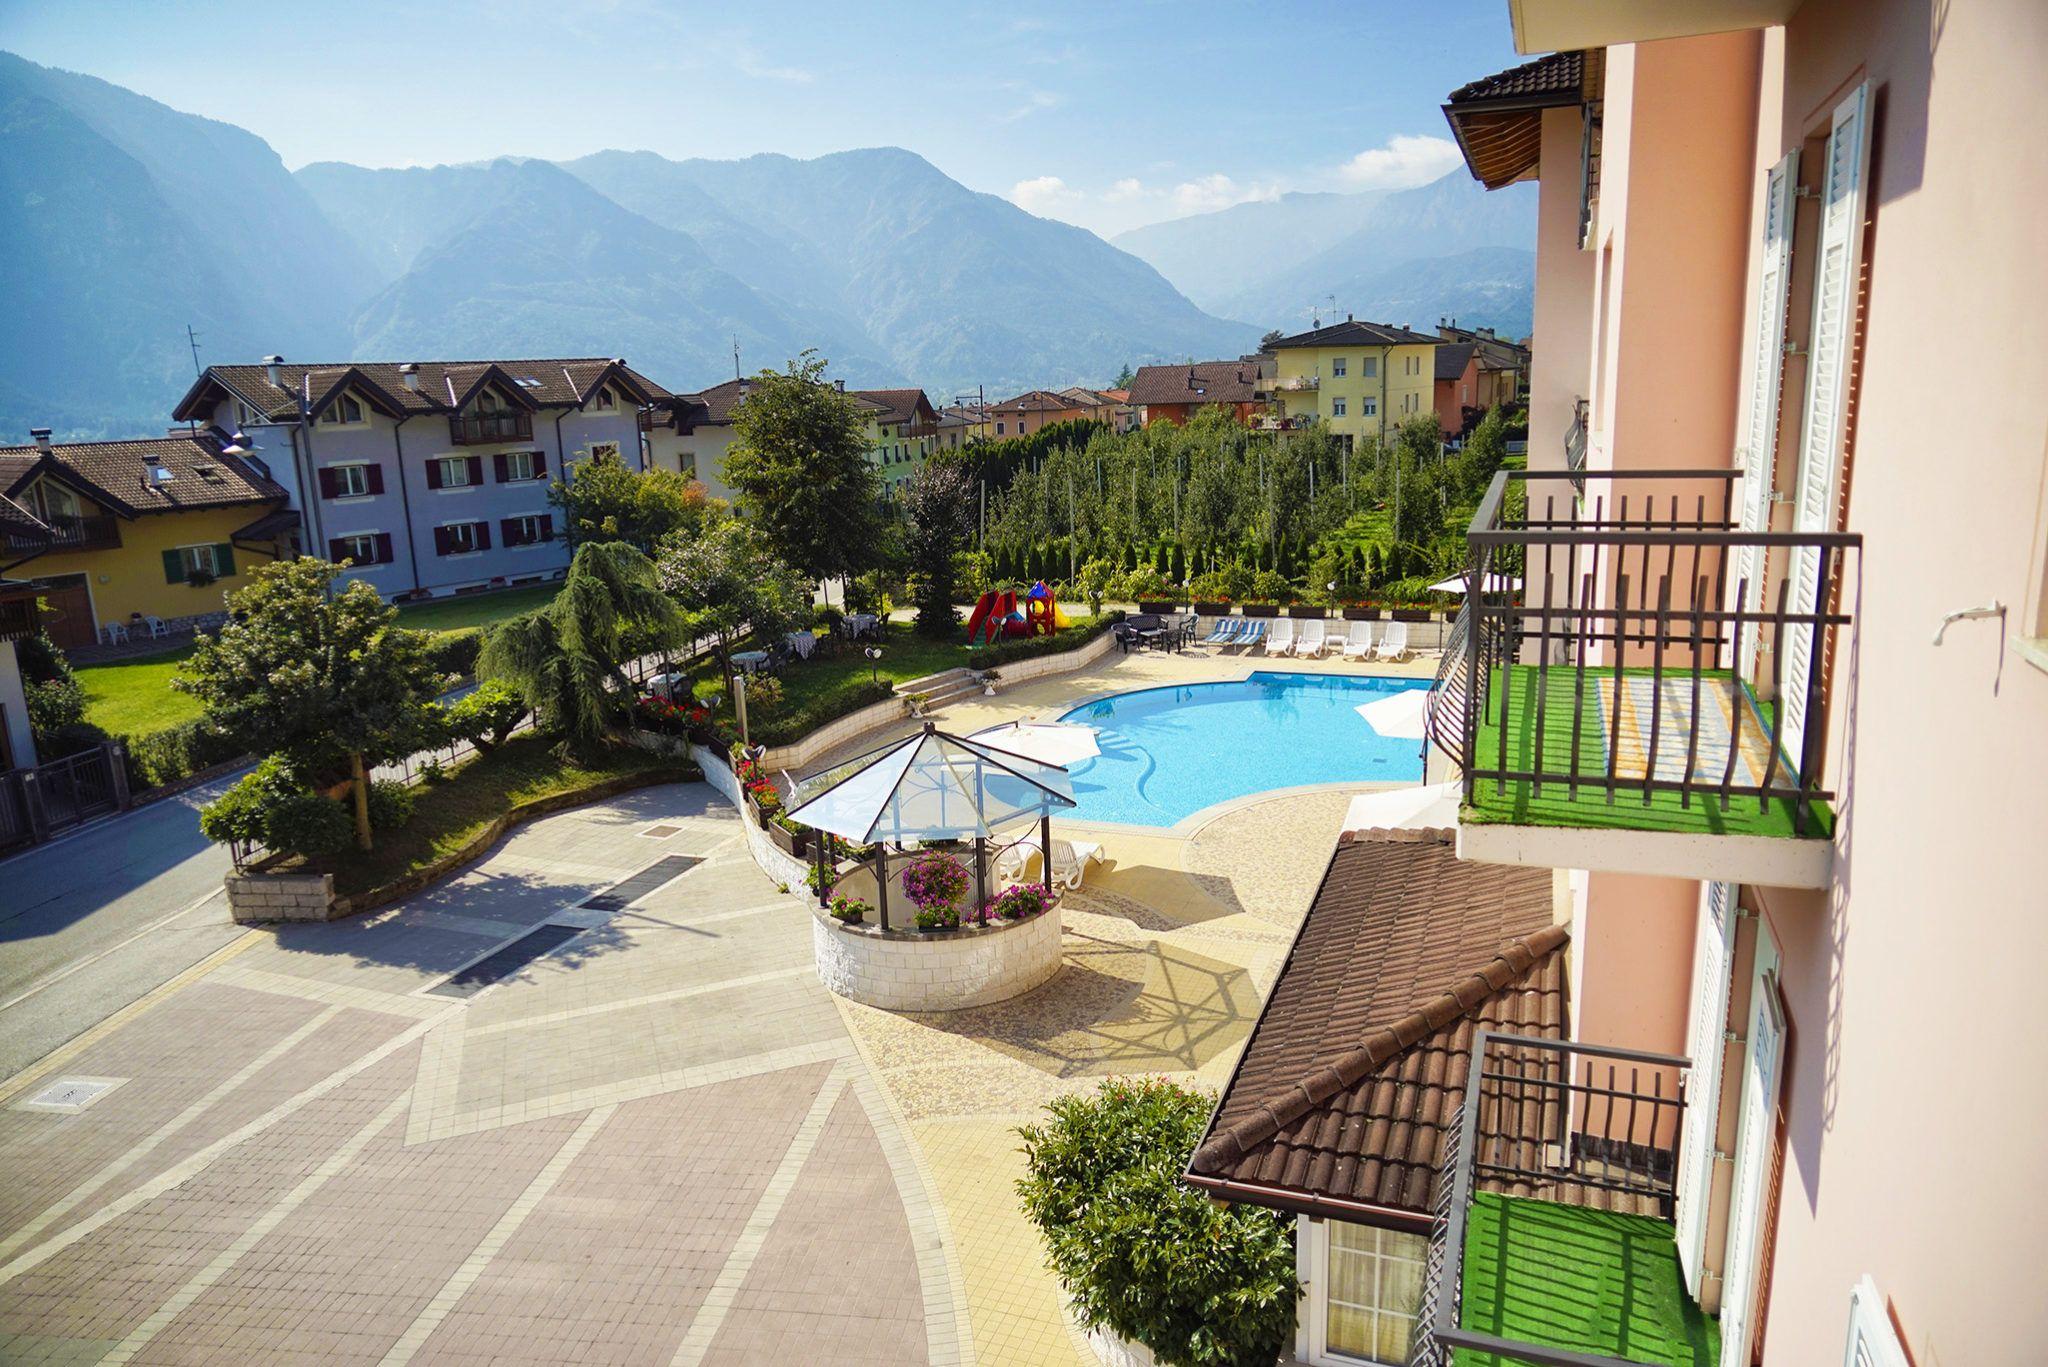 Offerte a Levico Terme in Trentino